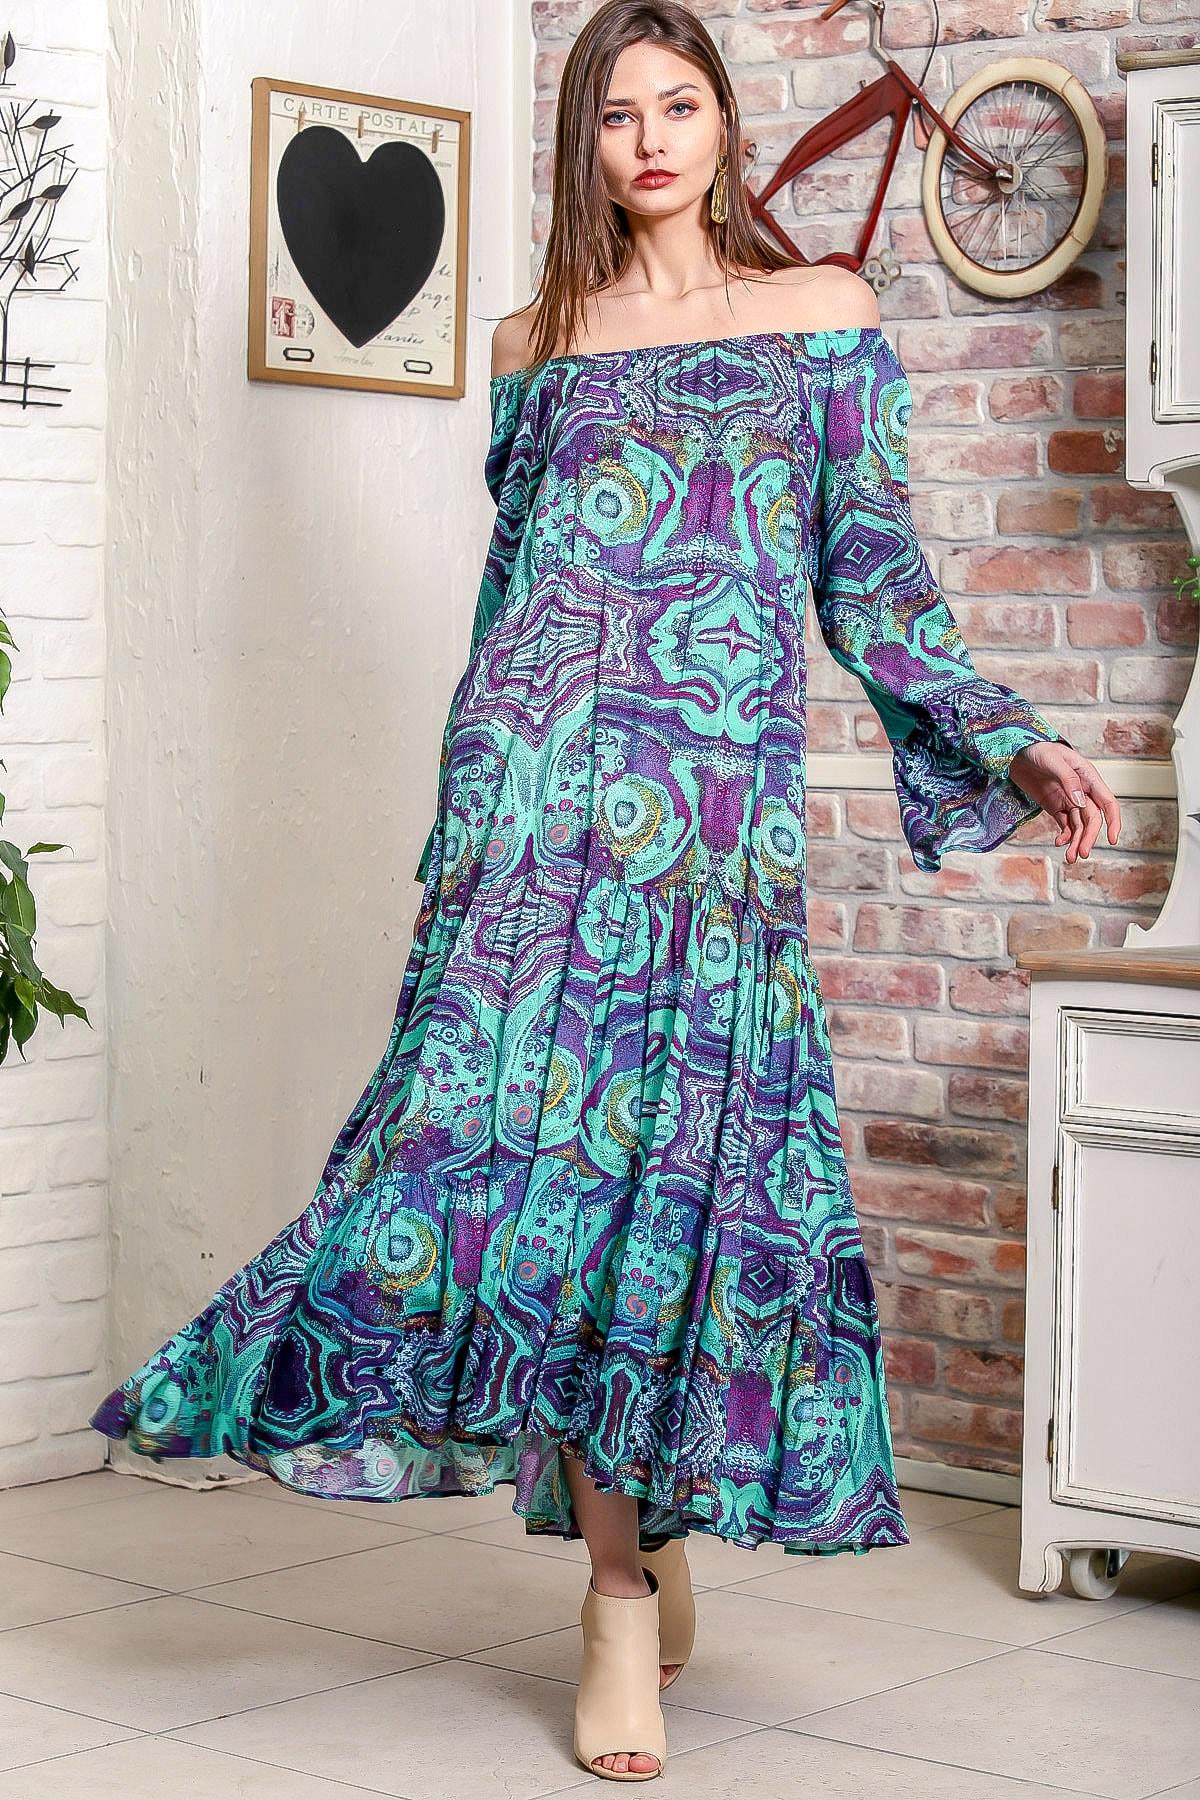 Chiccy Kadın Yeşil Carmen Yaka Sulu Boya Desenli Kol Ucu Volanlı Salaş Dokuma Elbise M10160000EL95906 2